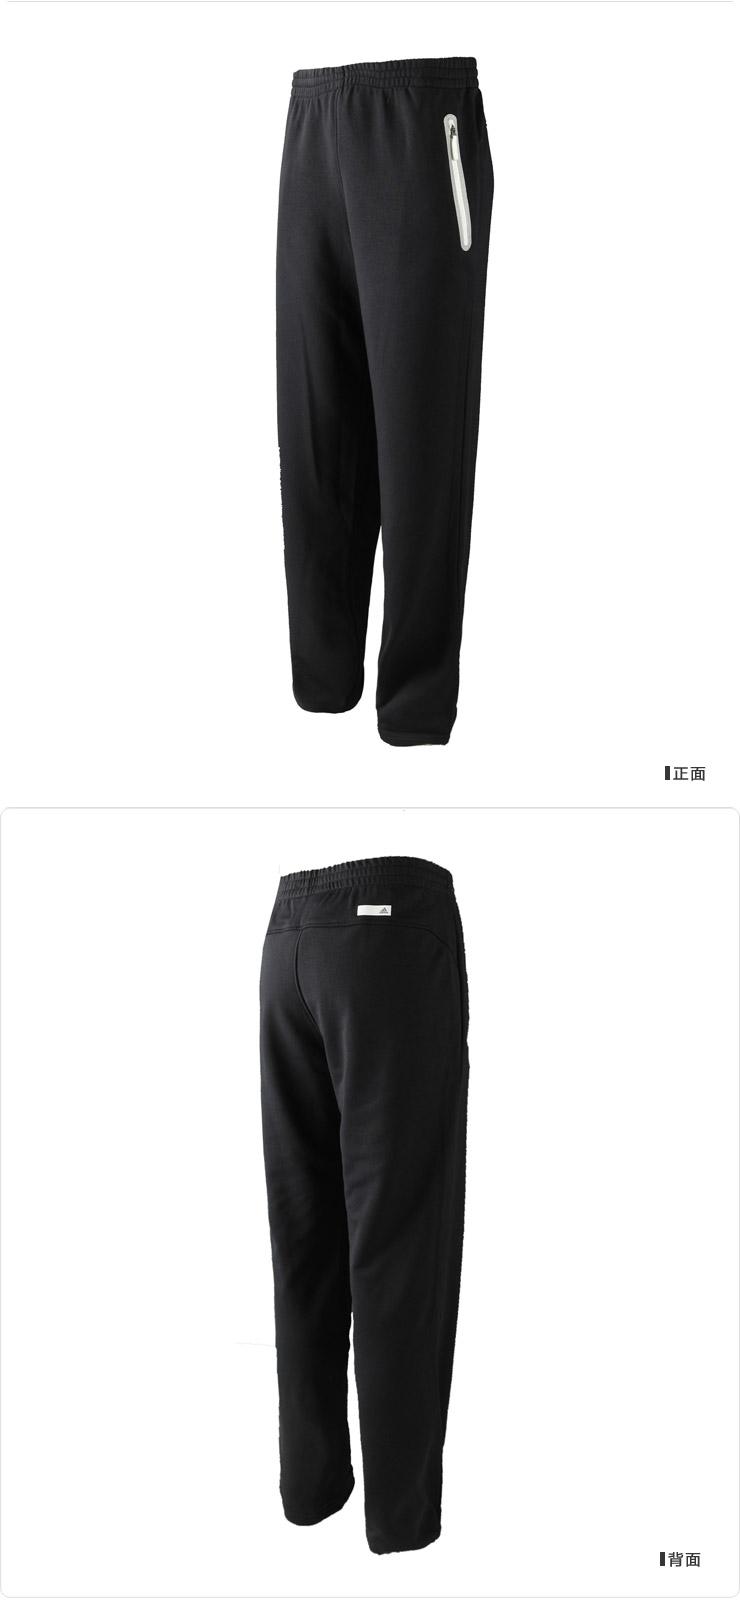 阿迪达斯adidas正品运动服男装运动长裤X34961